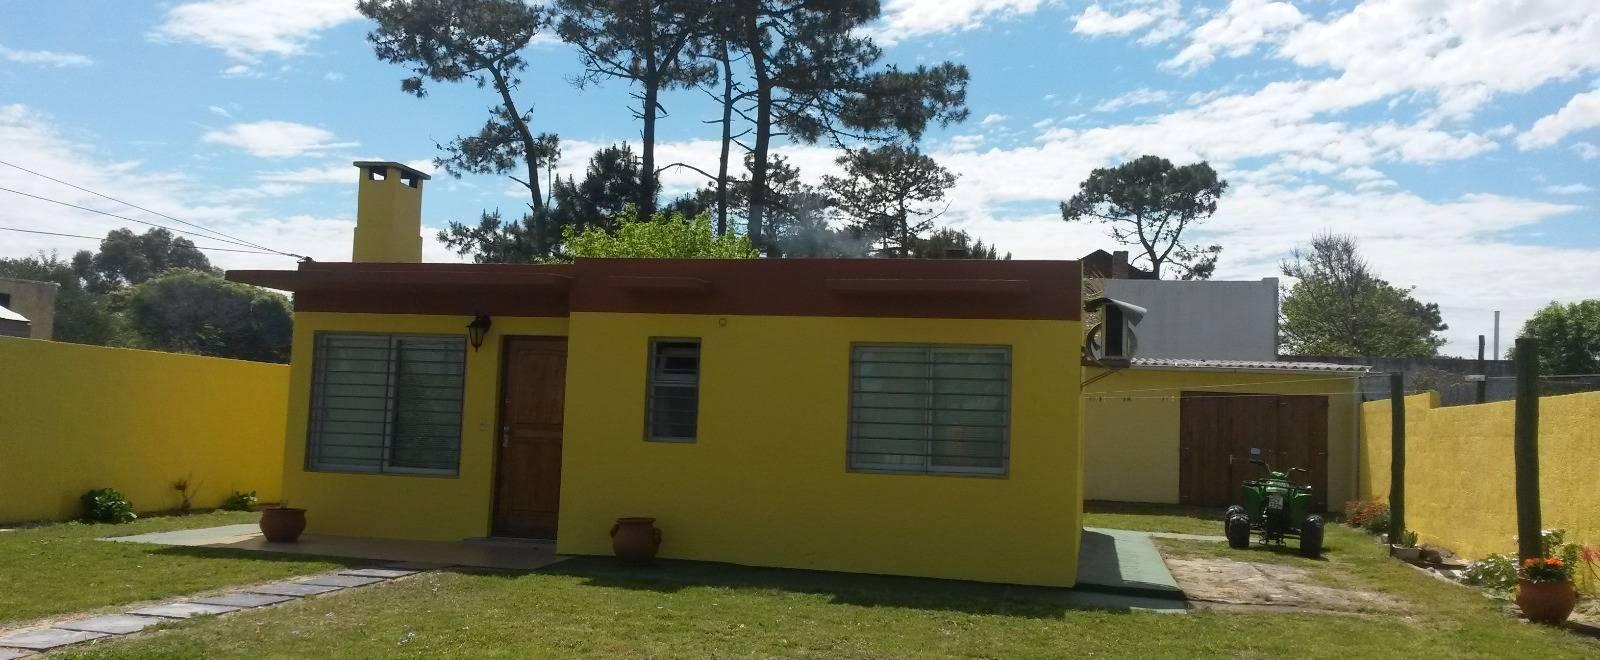 casa a la venta ubicada en zona c ntrica del balneario la